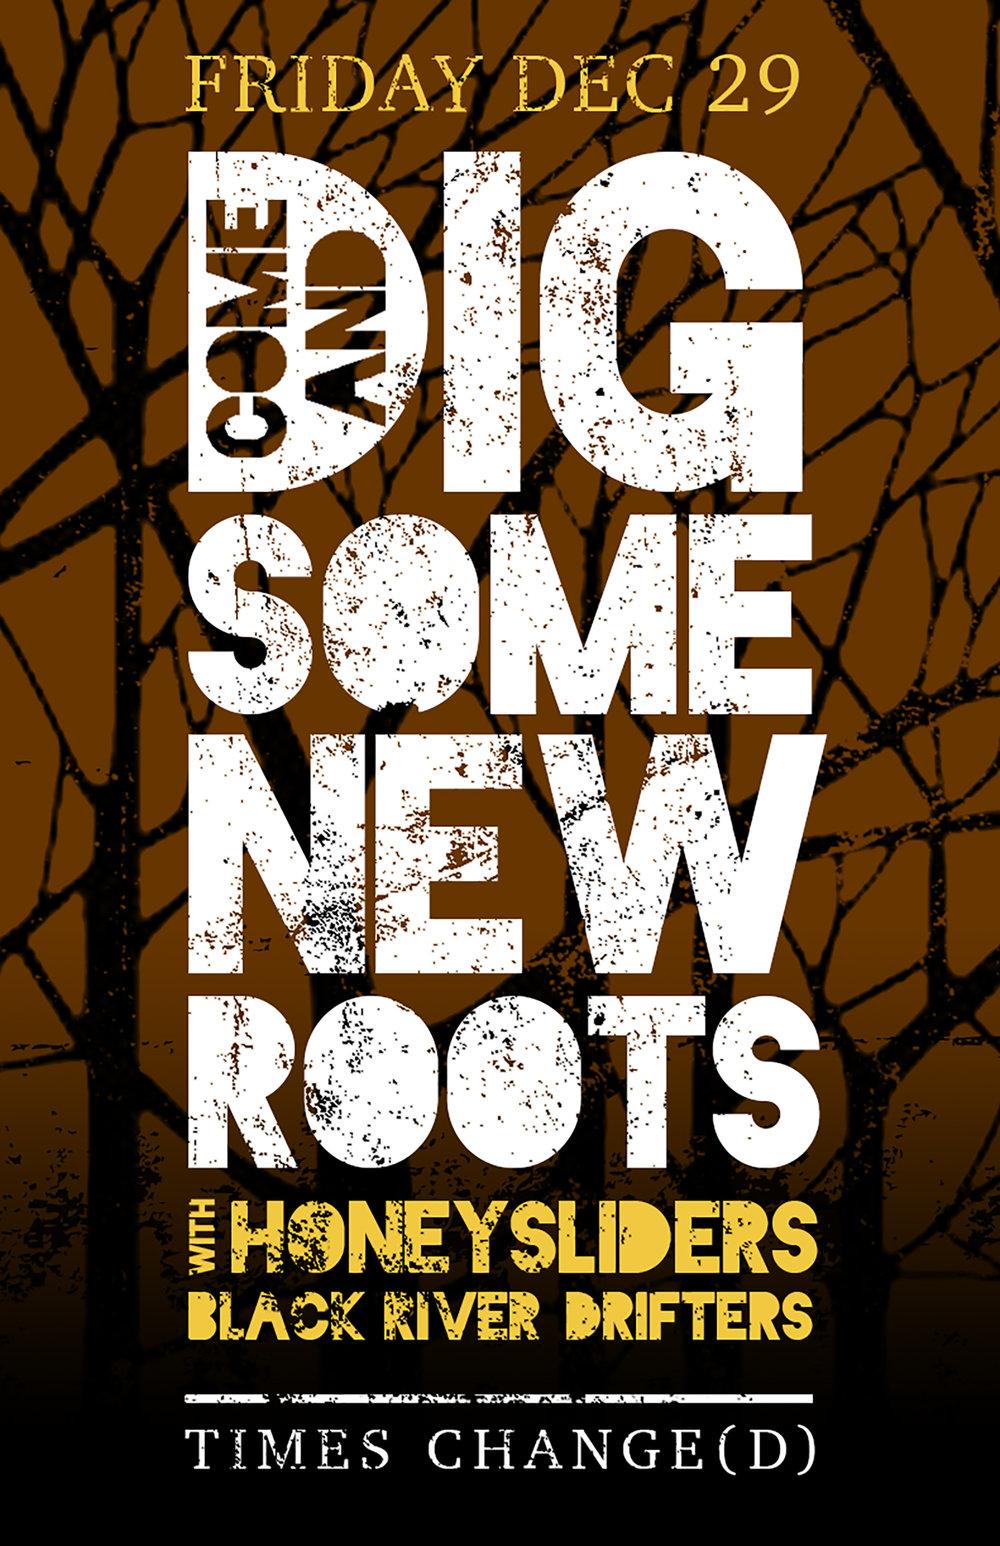 BRD_poster_Honeysliders.jpg